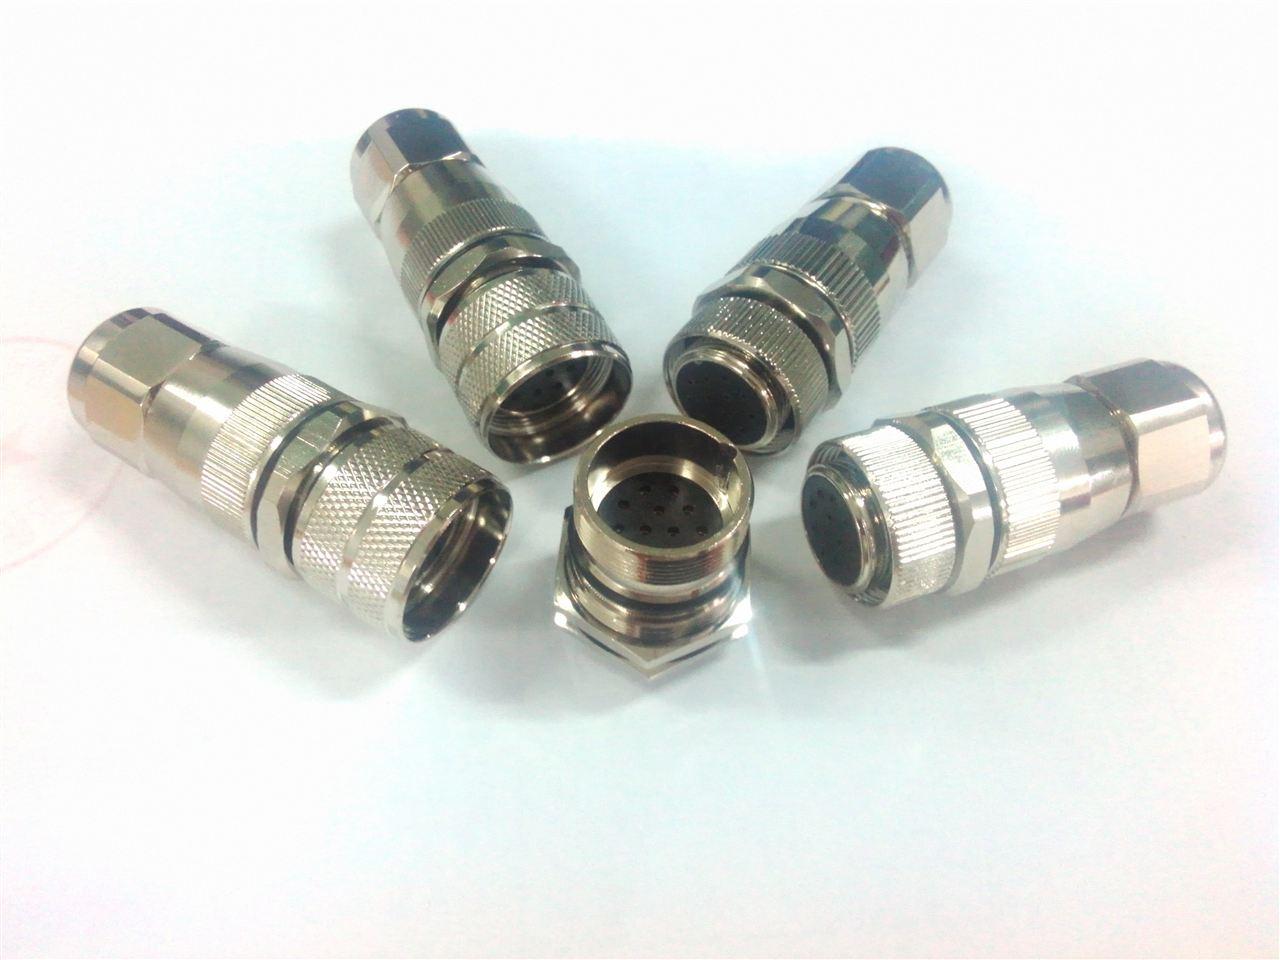 科迎法专业接受混合式多功能圆形连接器特种定制